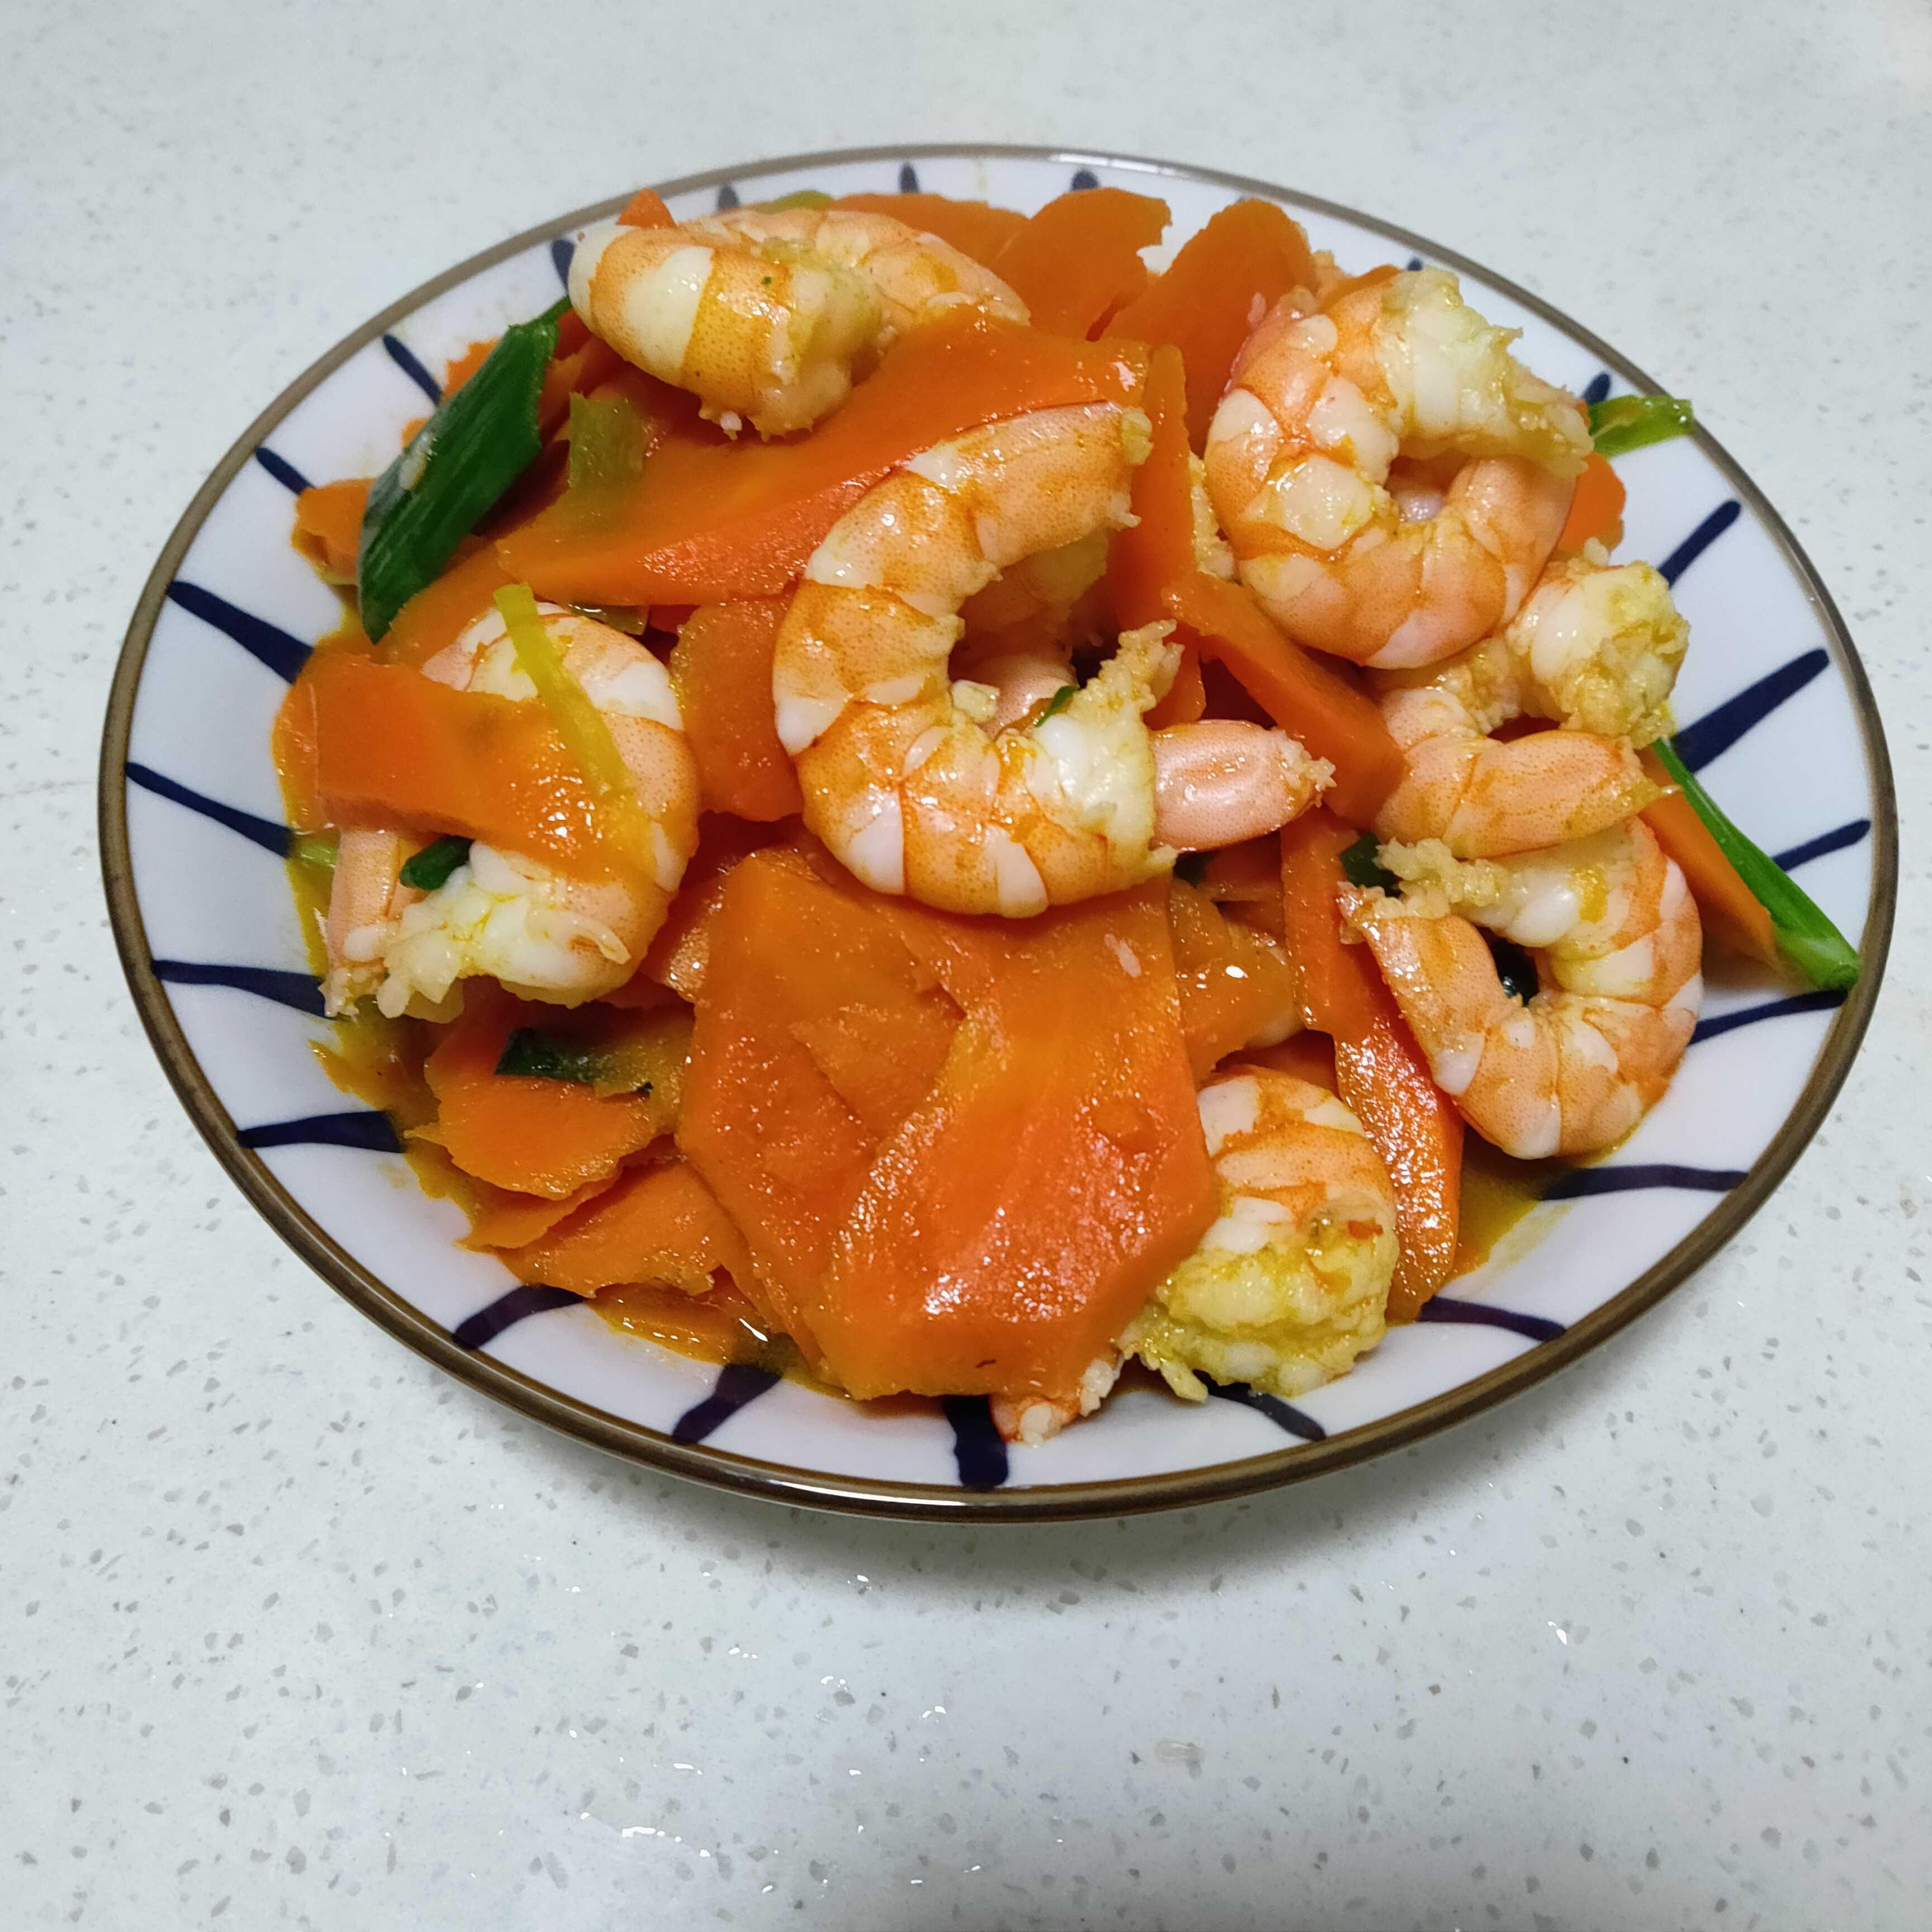 胡萝卜炒虾仁怎么煮